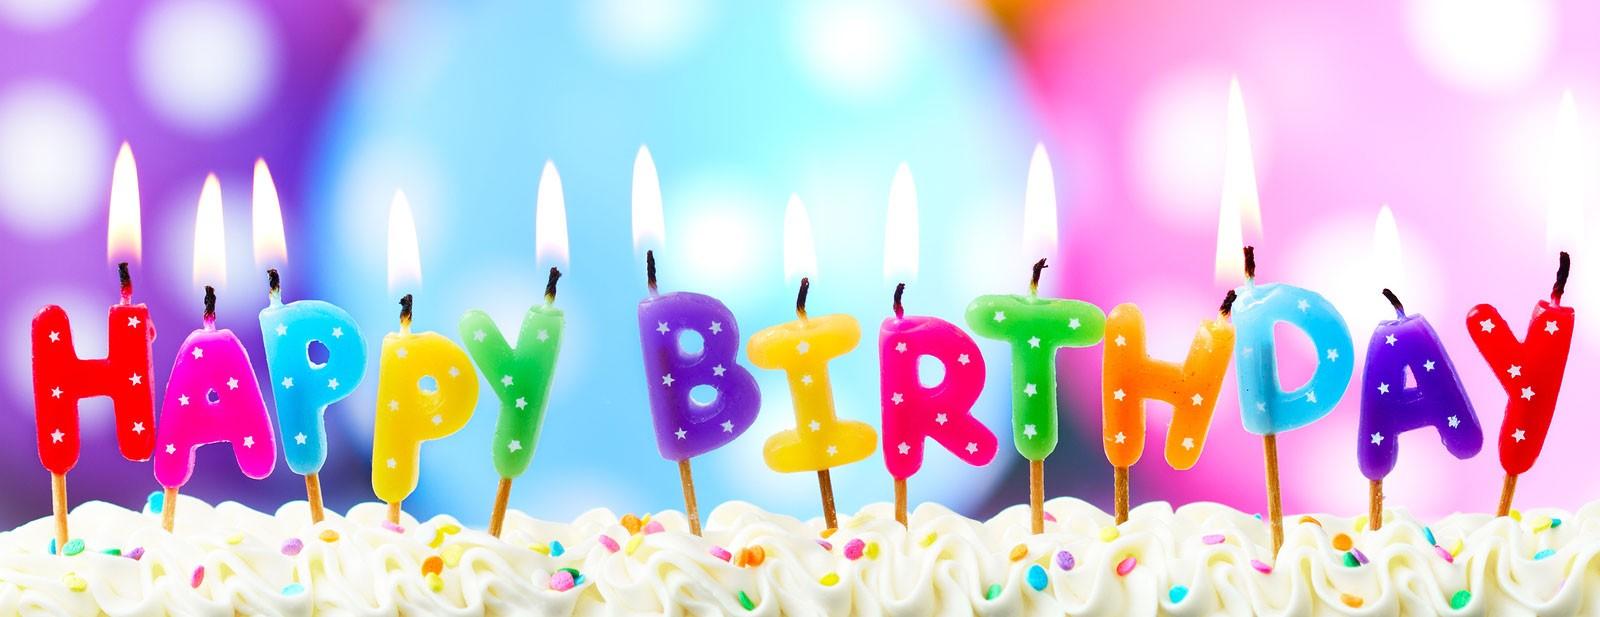 Поздравления с днем рождения на английском языке текст